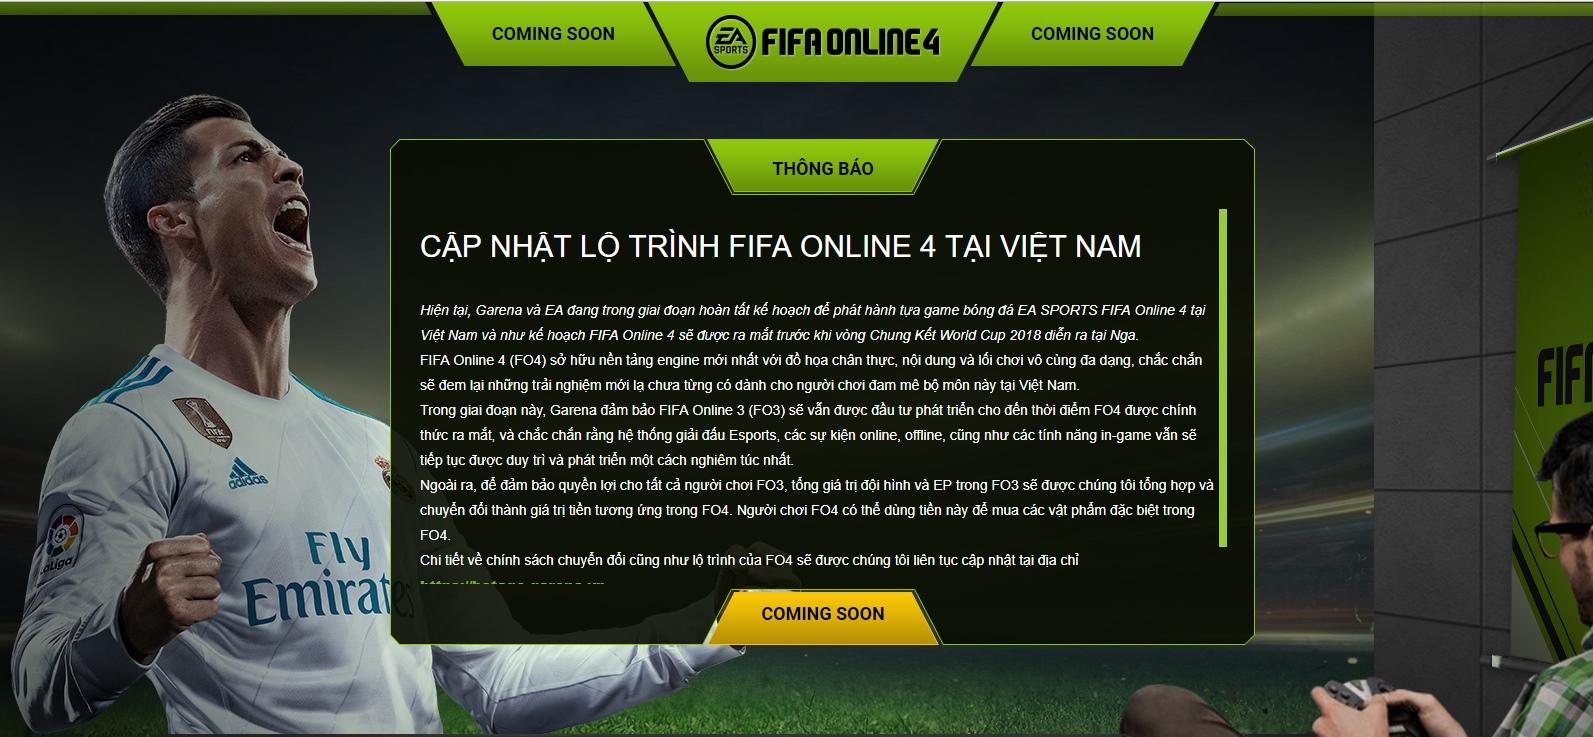 FIFA Online 4 được Garena đàm phán mua thành công, ấn định thời điểm ra mắt tại Việt Nam